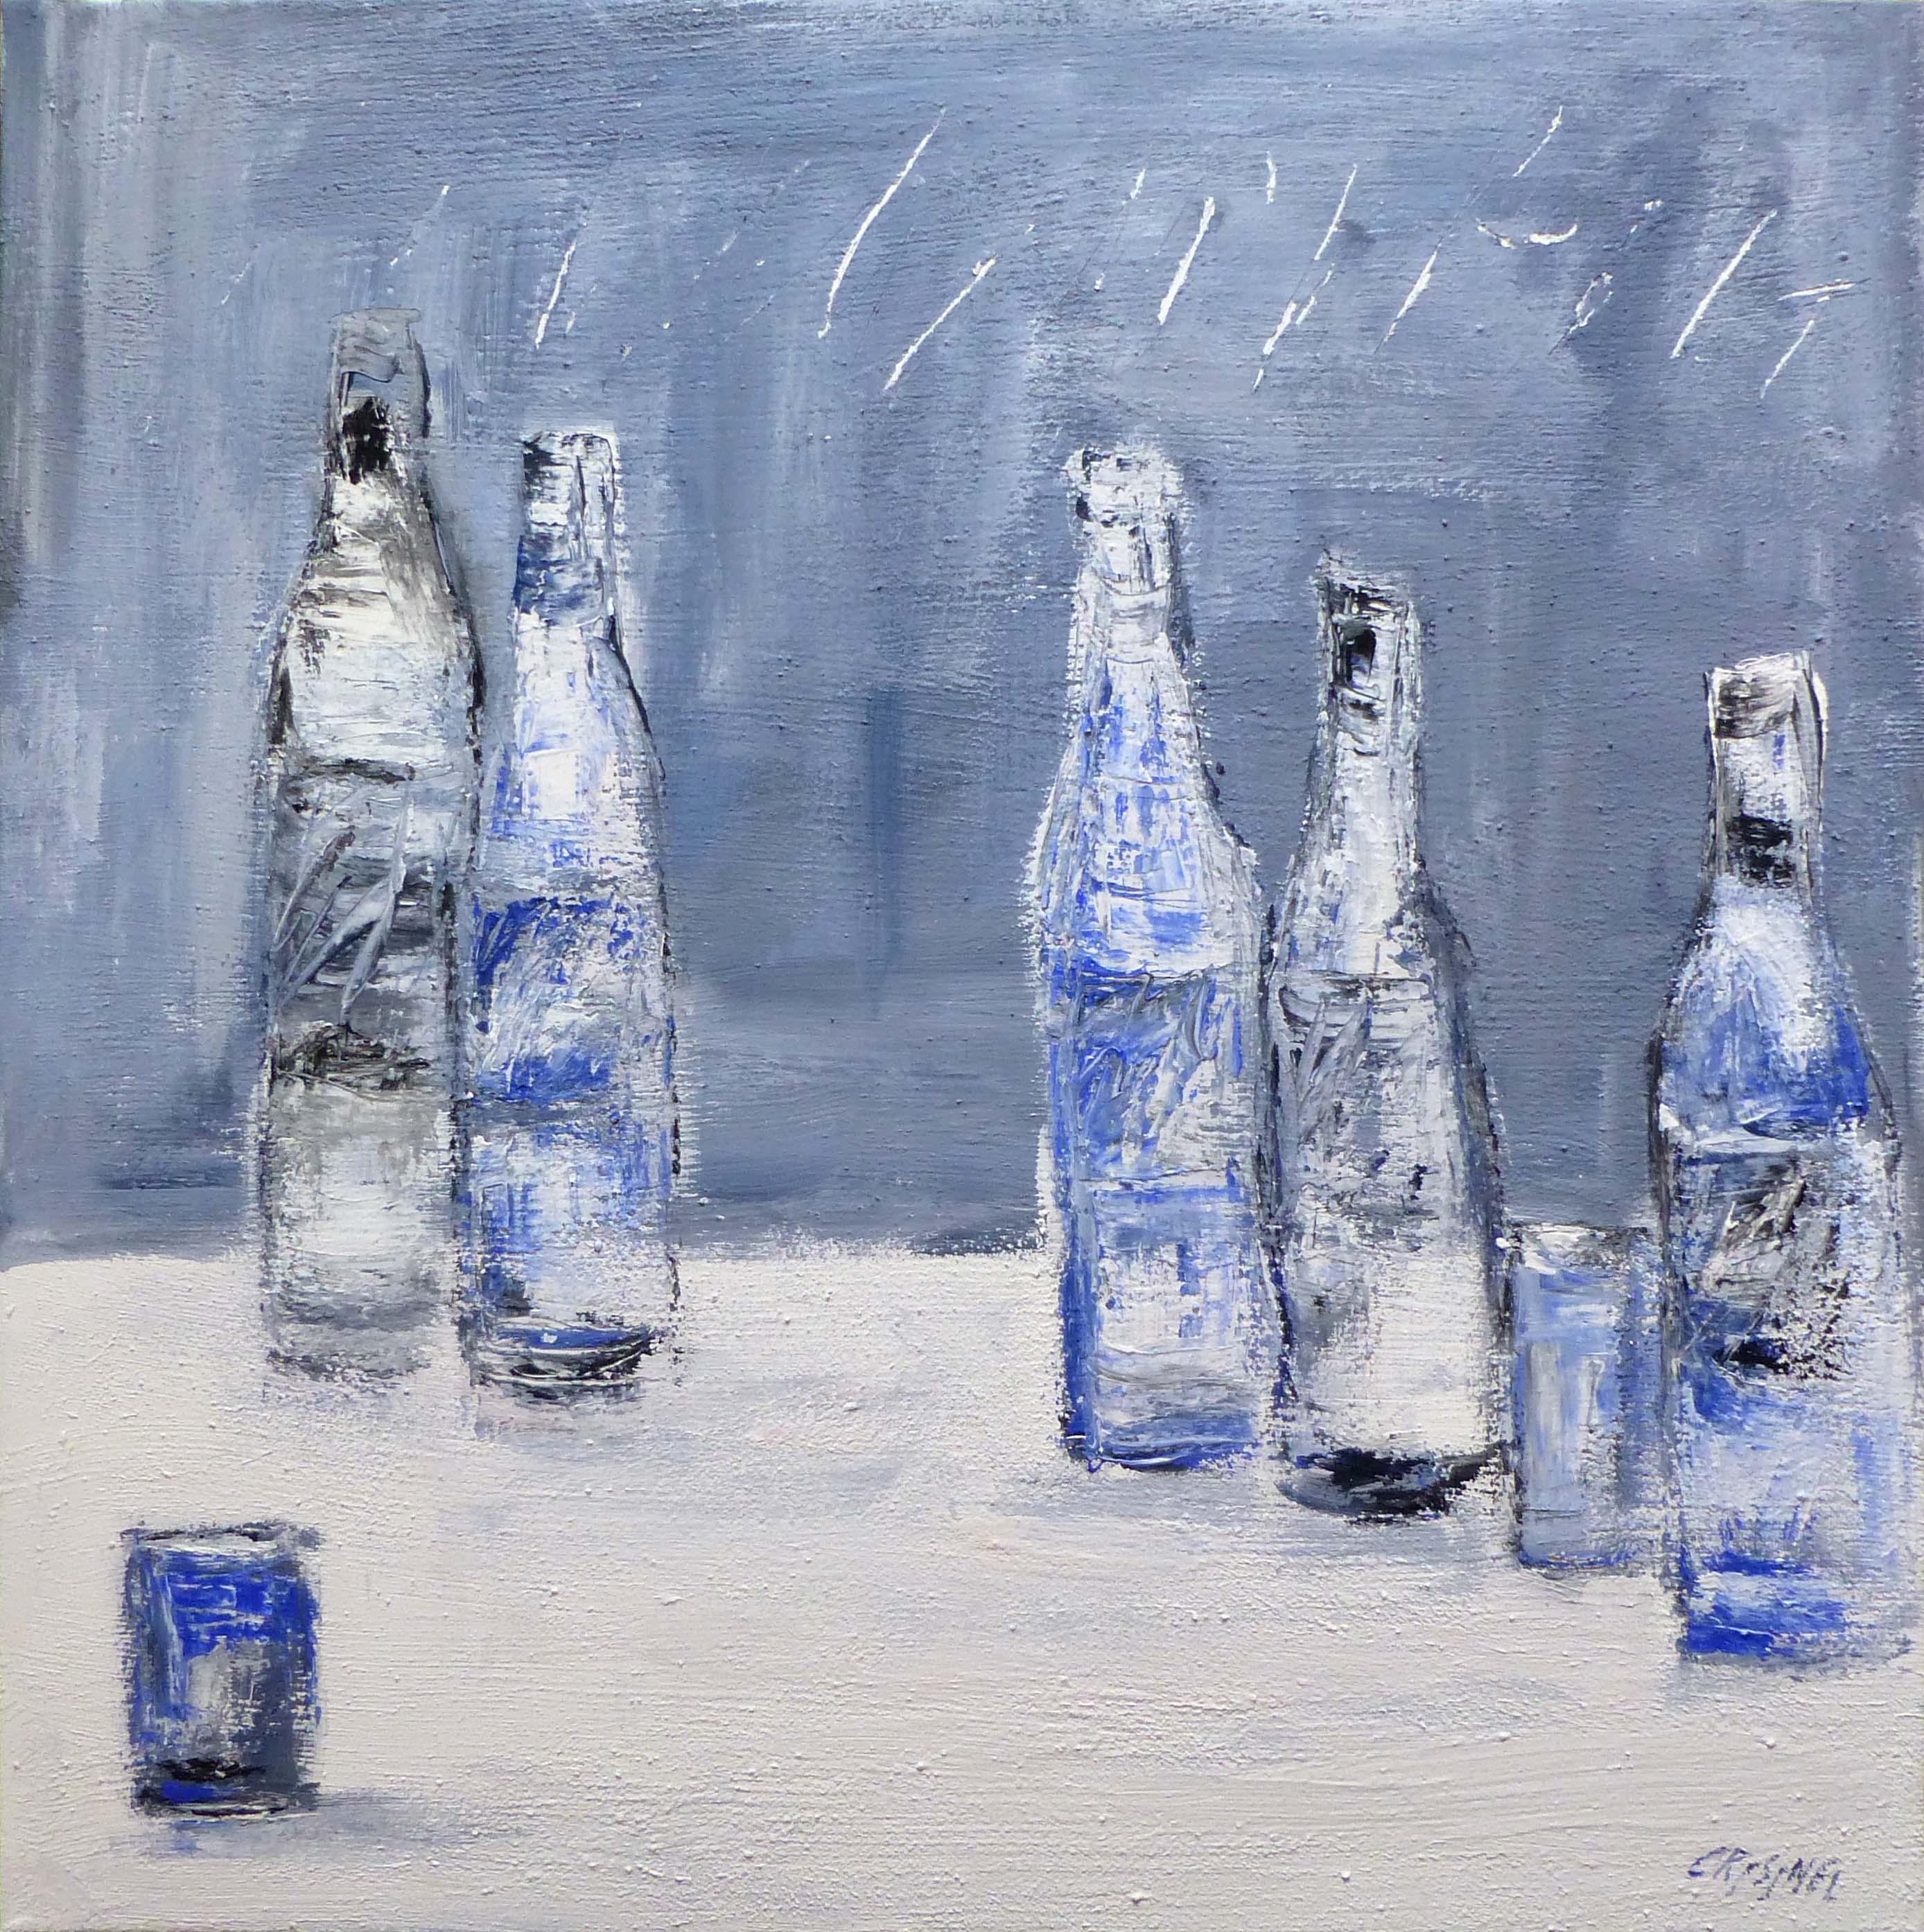 Bouteilles et verres by   CRISINEL - Masterpiece Online